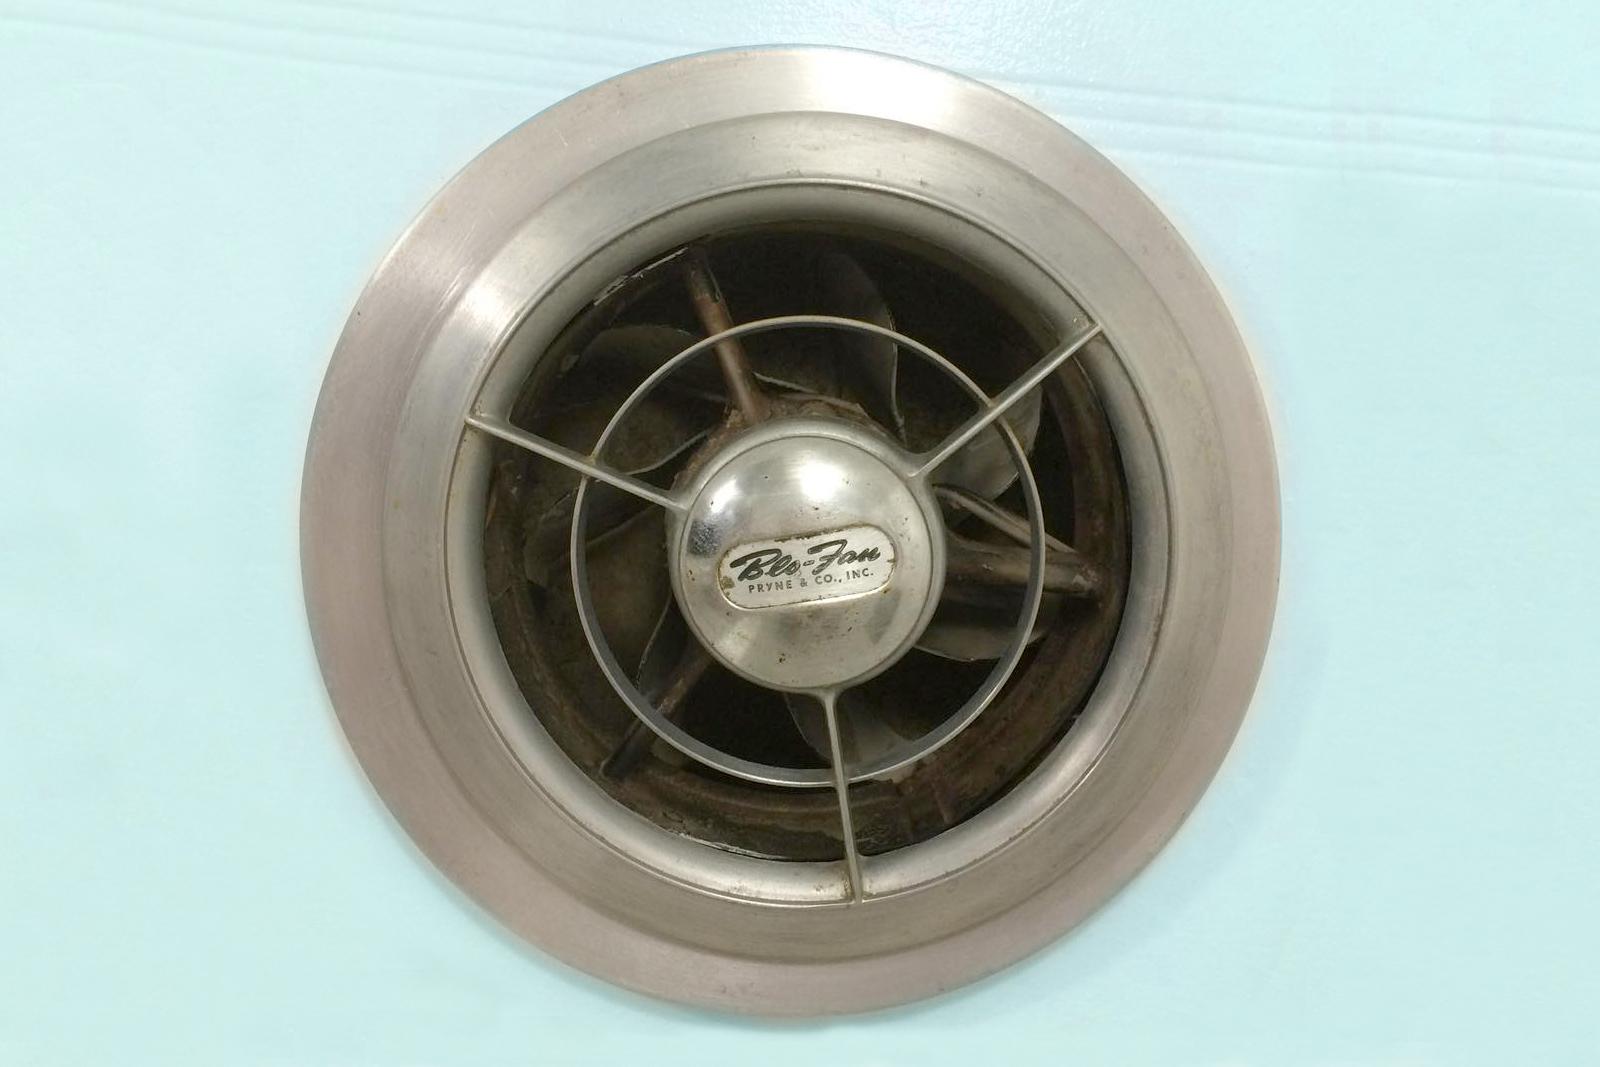 wiring an exhaust fan [ 1500 x 1500 Pixel ]